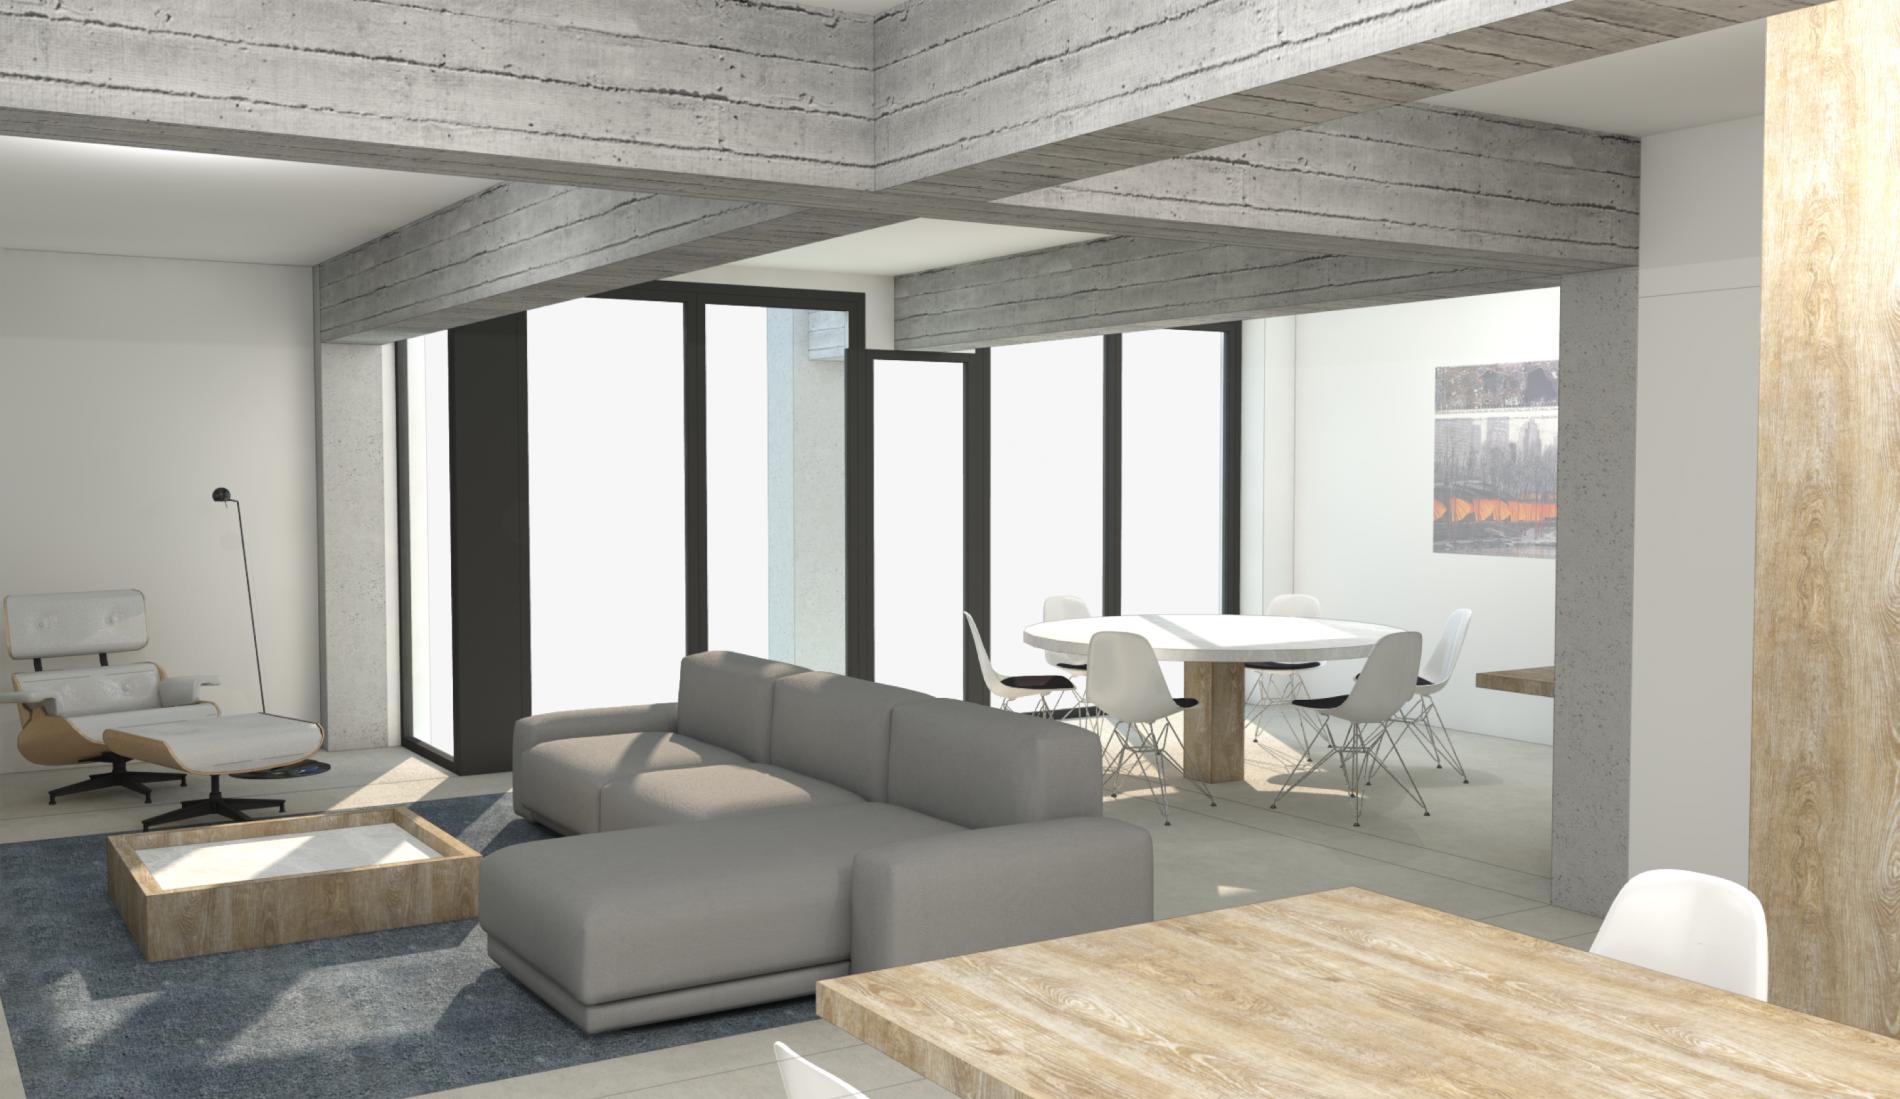 Aanbevolen 1749 design meubelen oud turnhout afbeelding foto beste voorbeelden afbeeldingen for Interieurinrichting